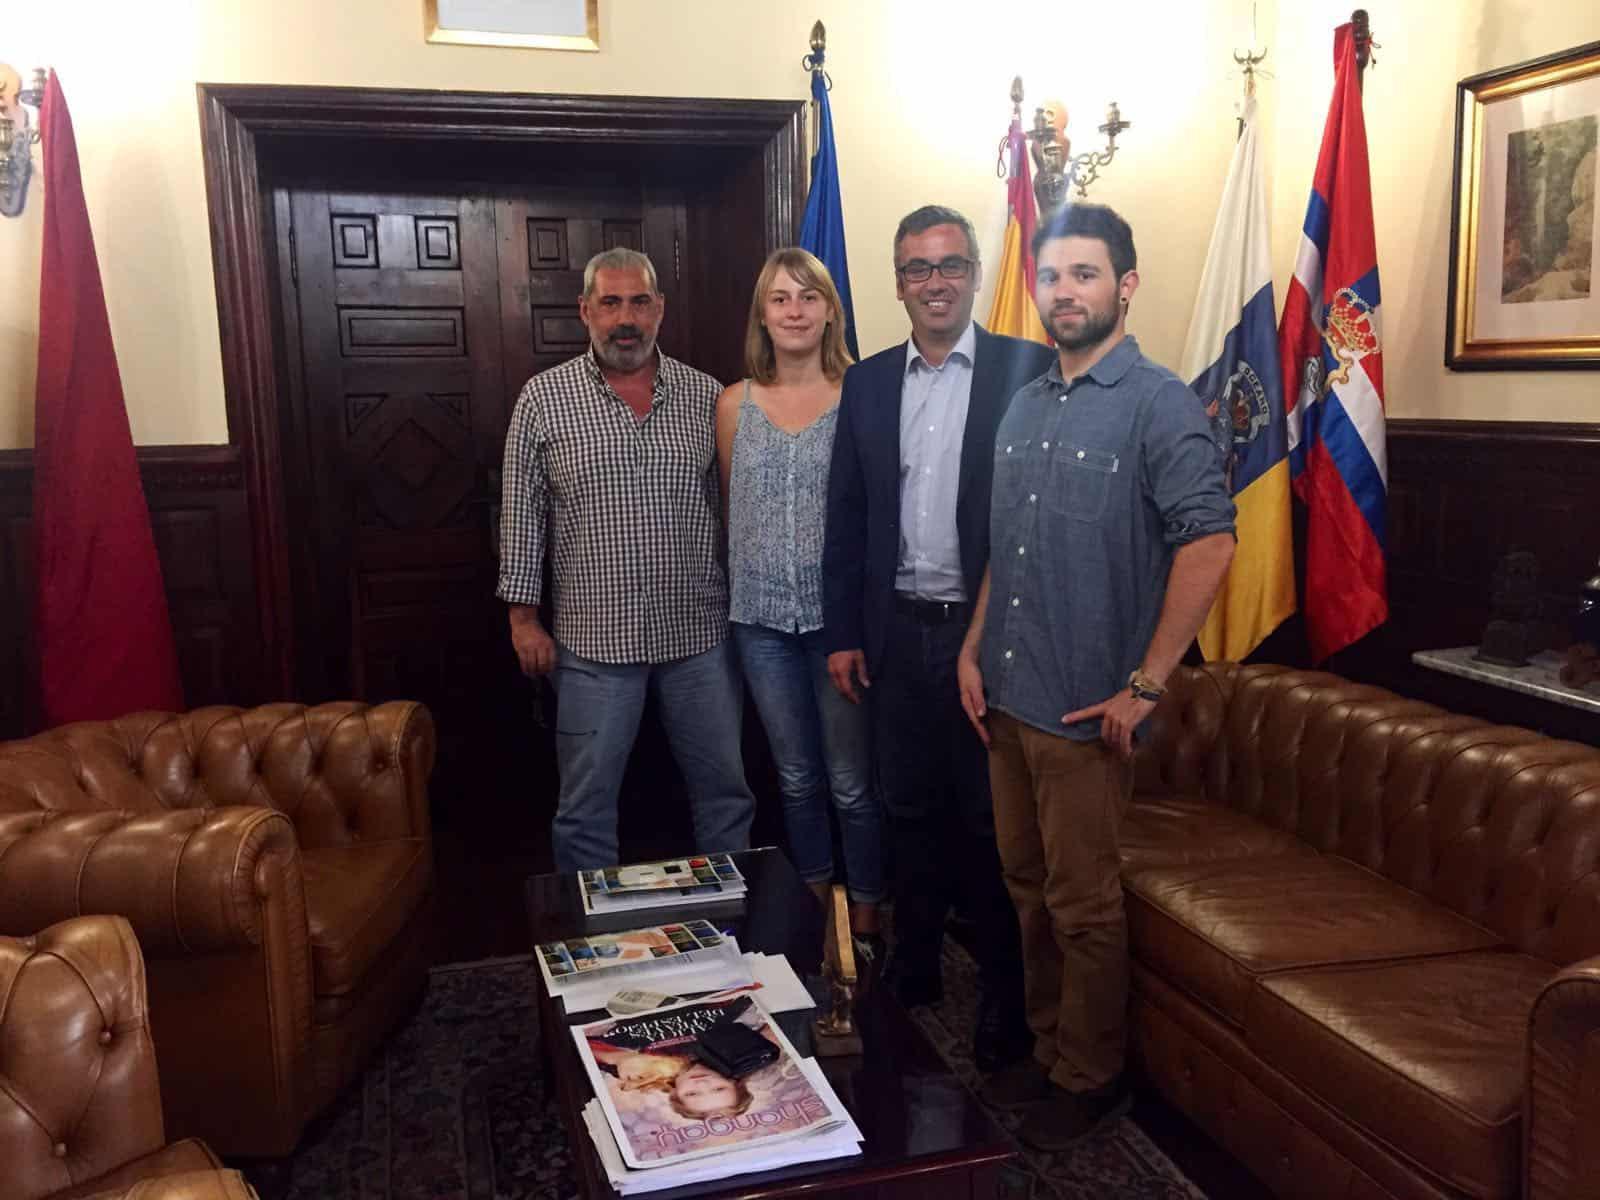 El Ayuntamiento de Santa Cruz de La Palma y la Reserva de la Biosfera acuerdan favorecer prácticas universitarias en el municipio